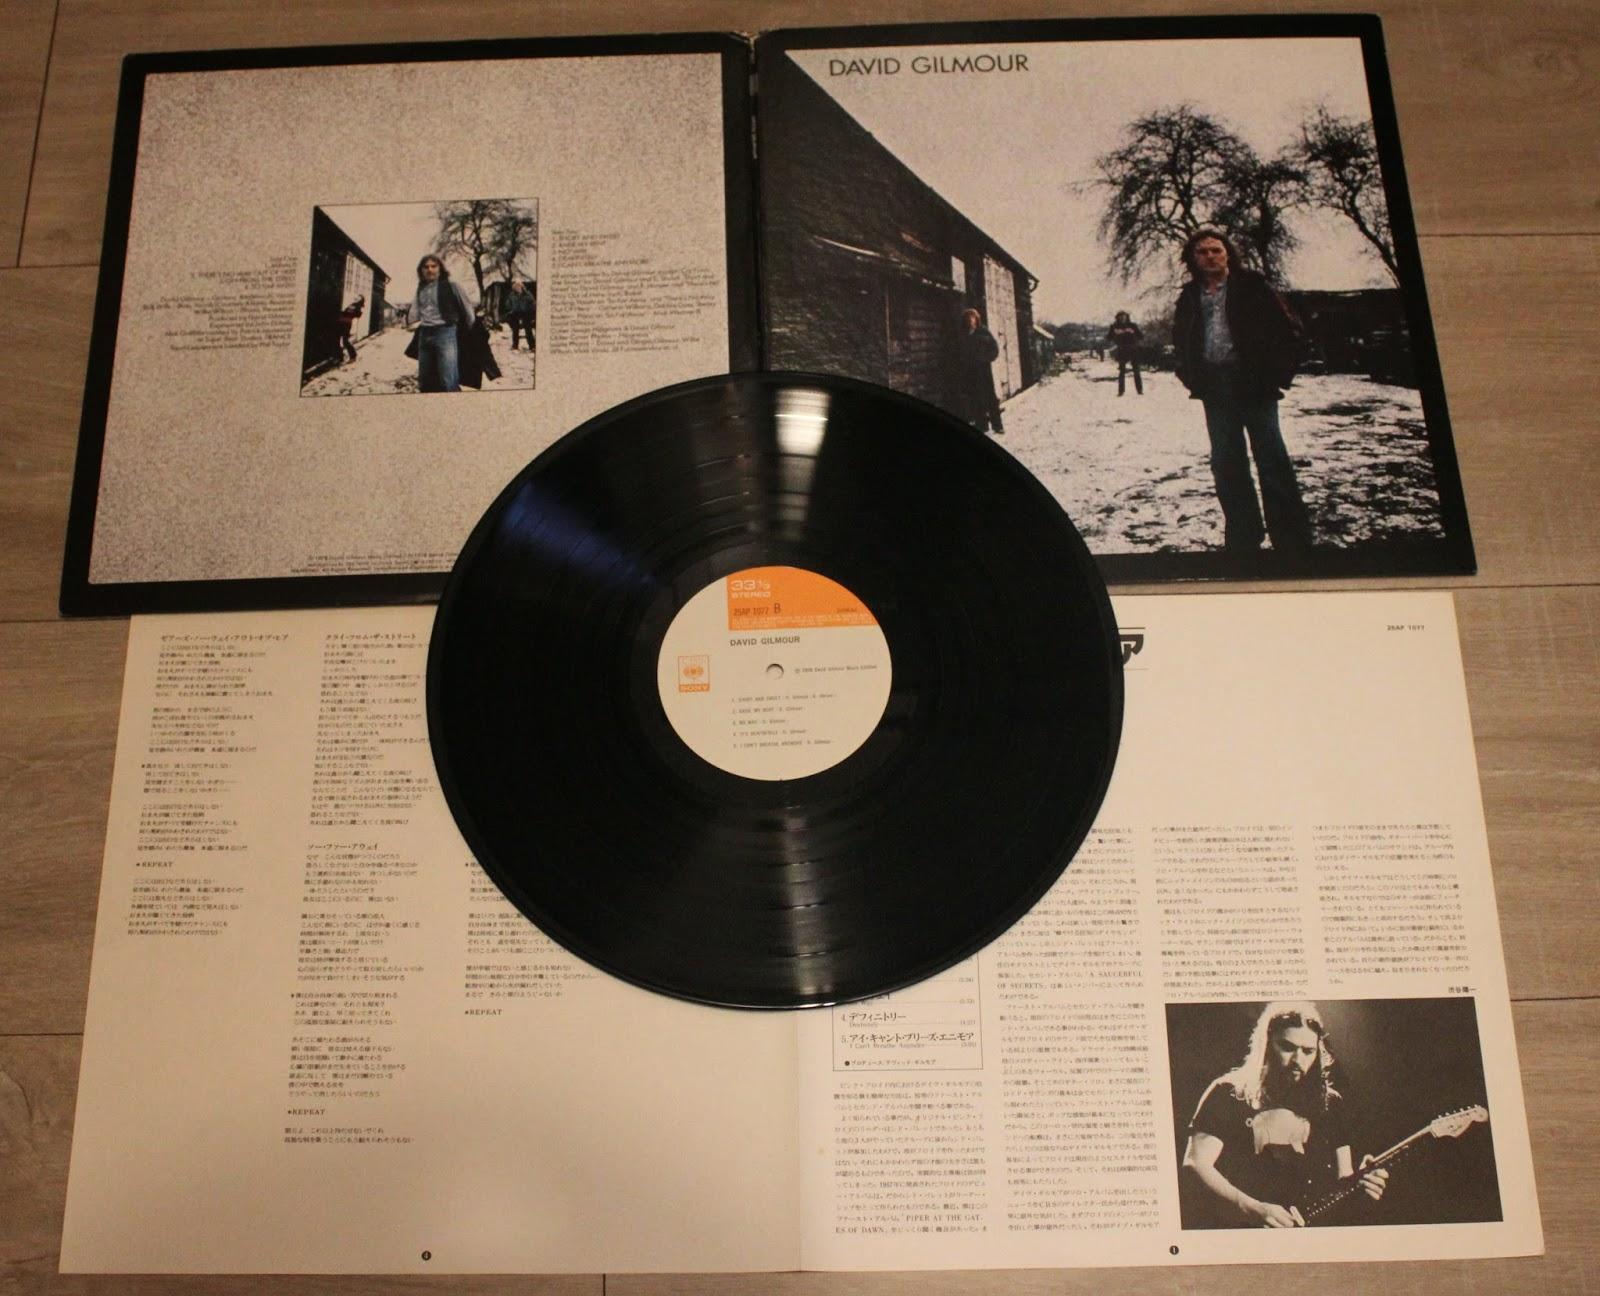 DAVID GILMOUR David Gilmour